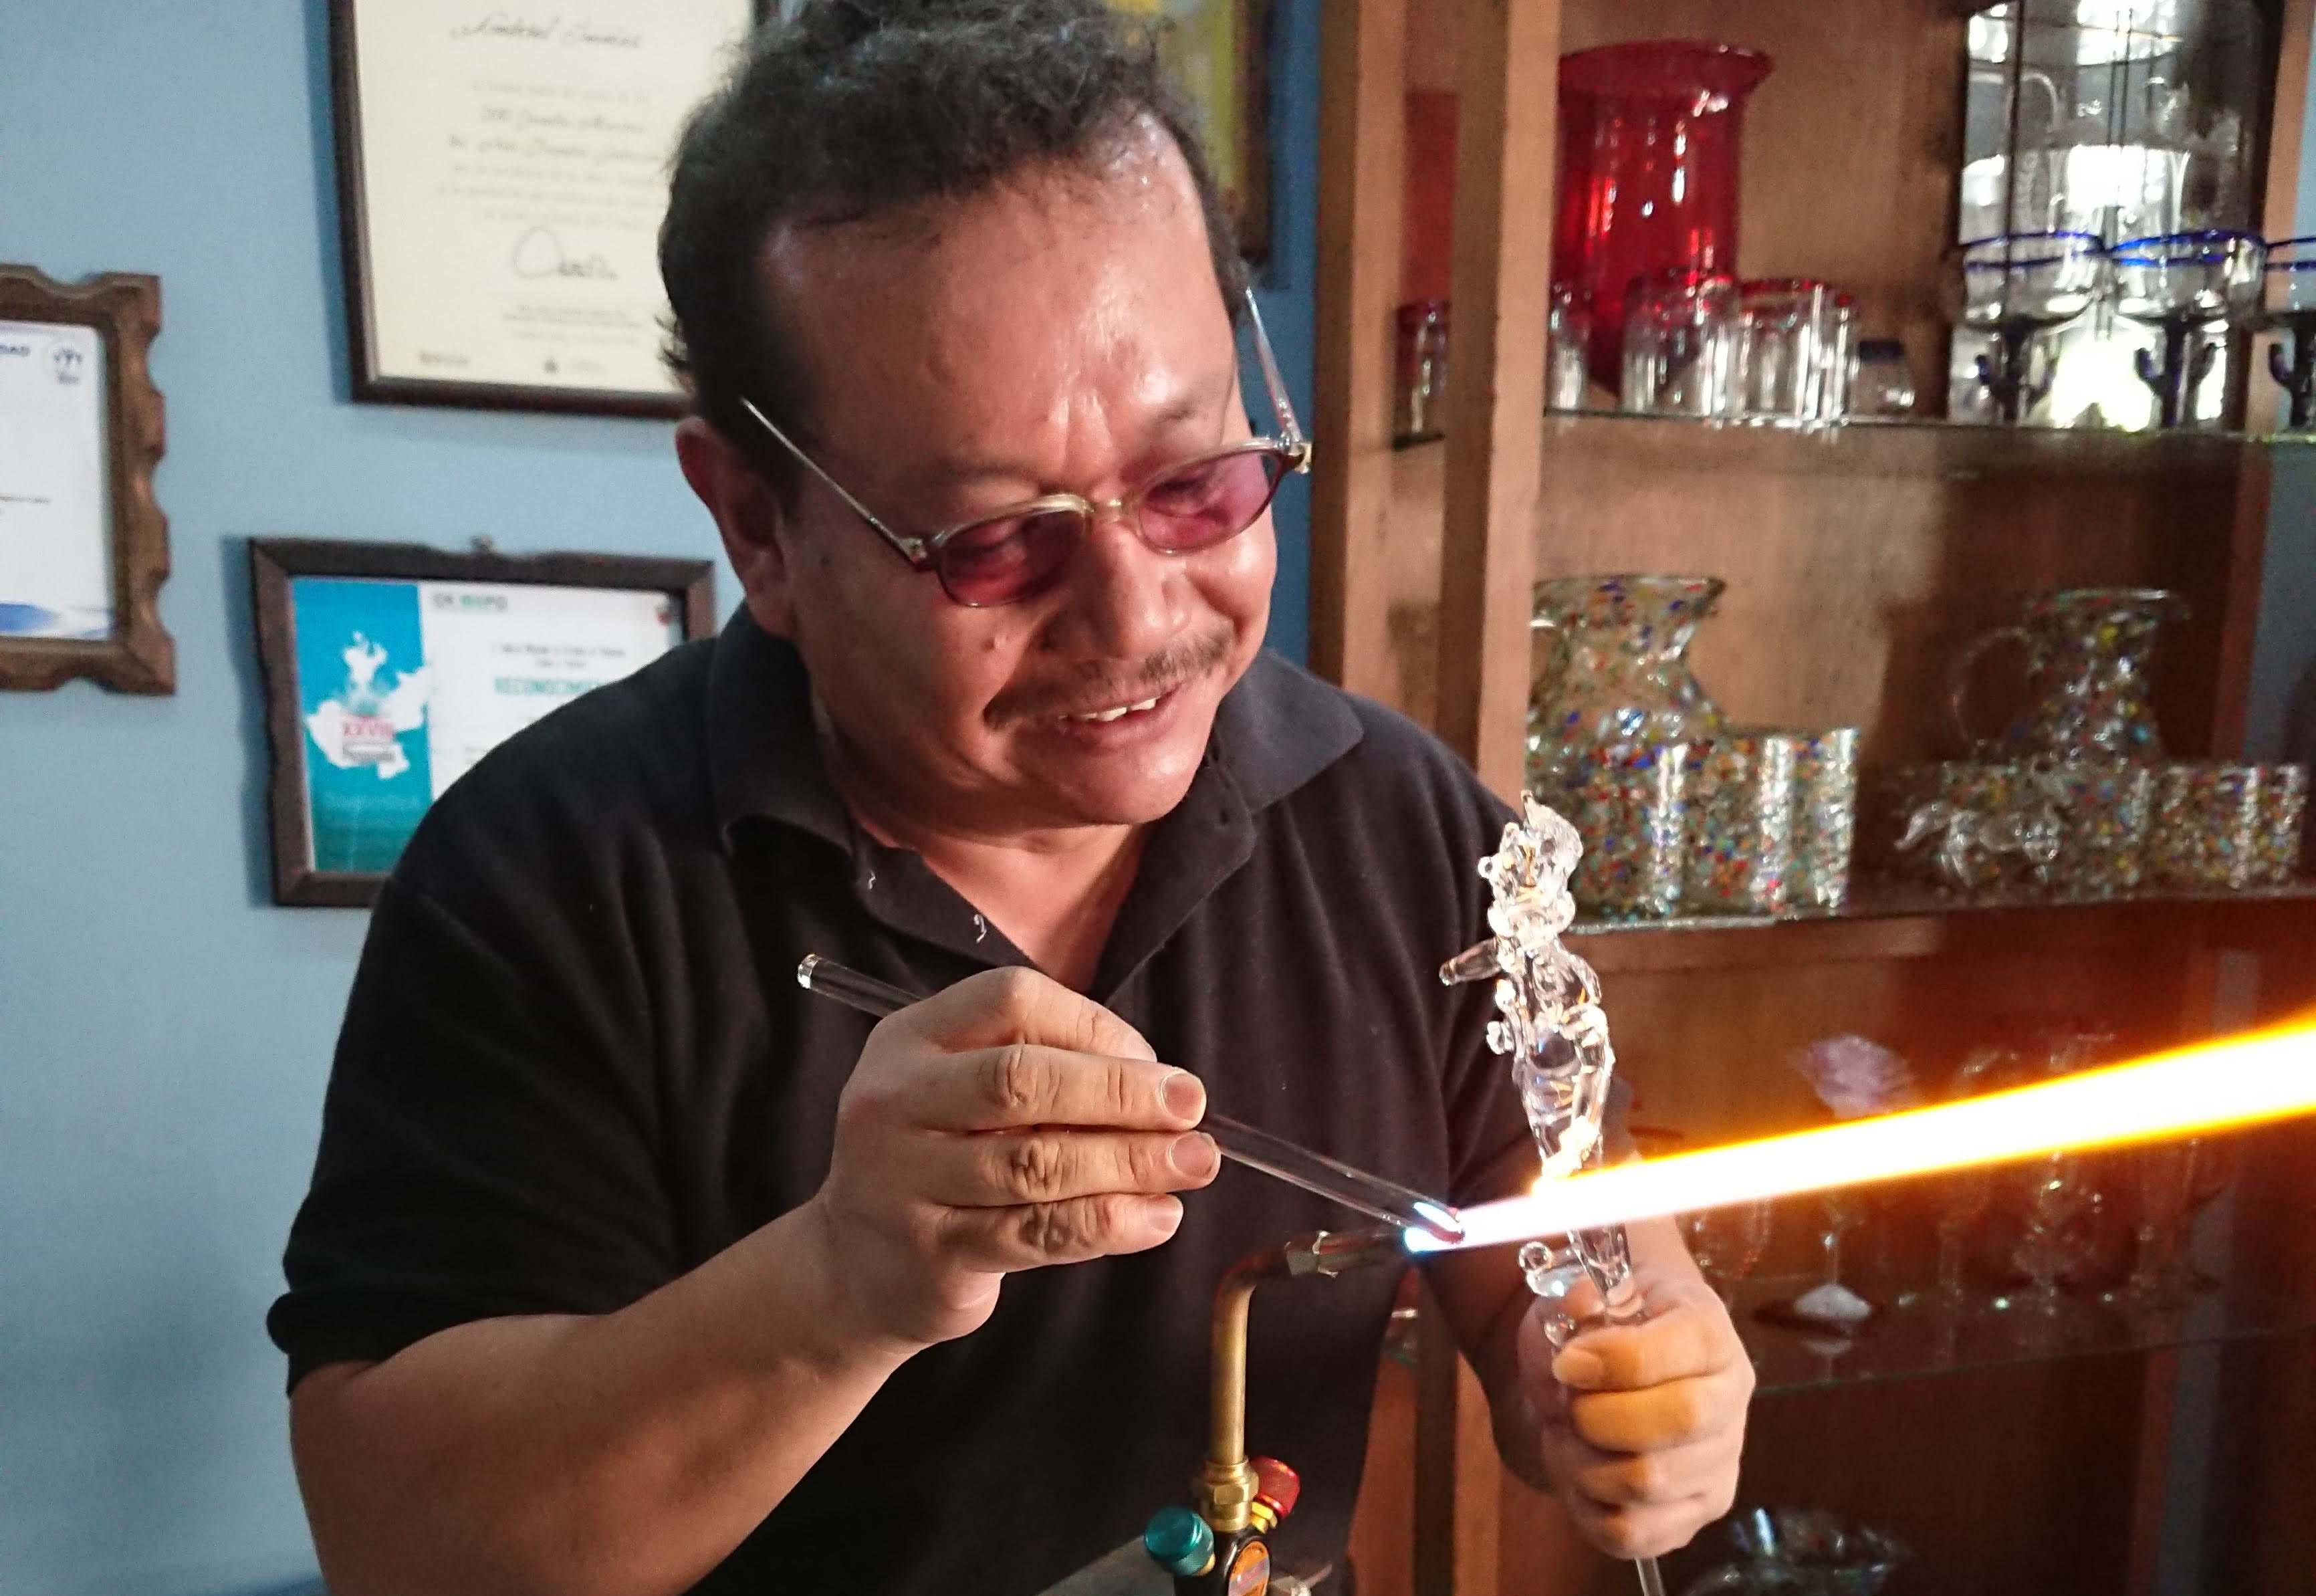 artesano elaborando una pieza de vidrio